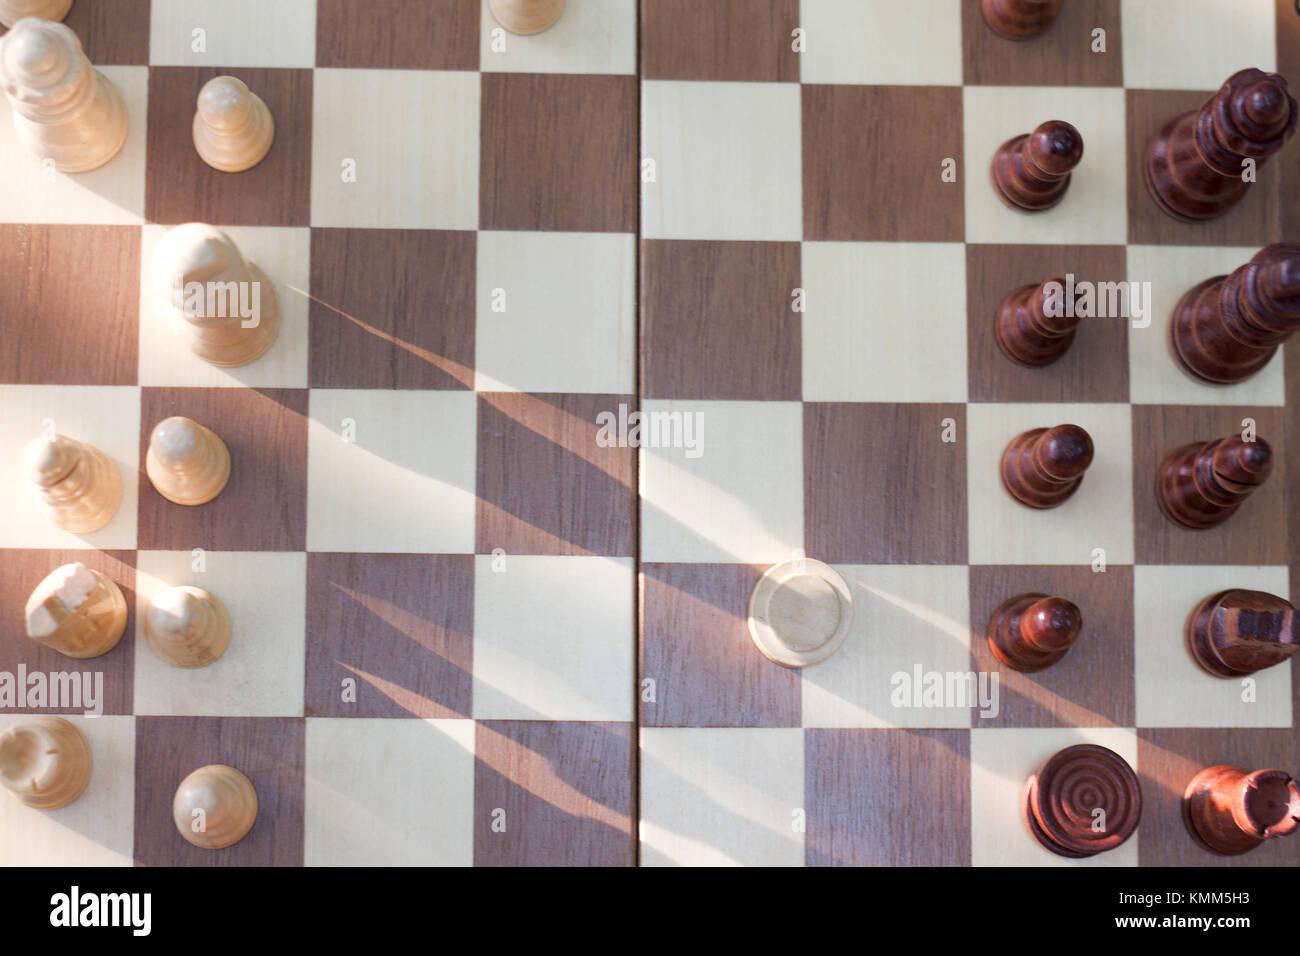 Une photo d'un échiquier et pièces d'échecs en bois, pièces d'échecs sur un échiquier Banque D'Images